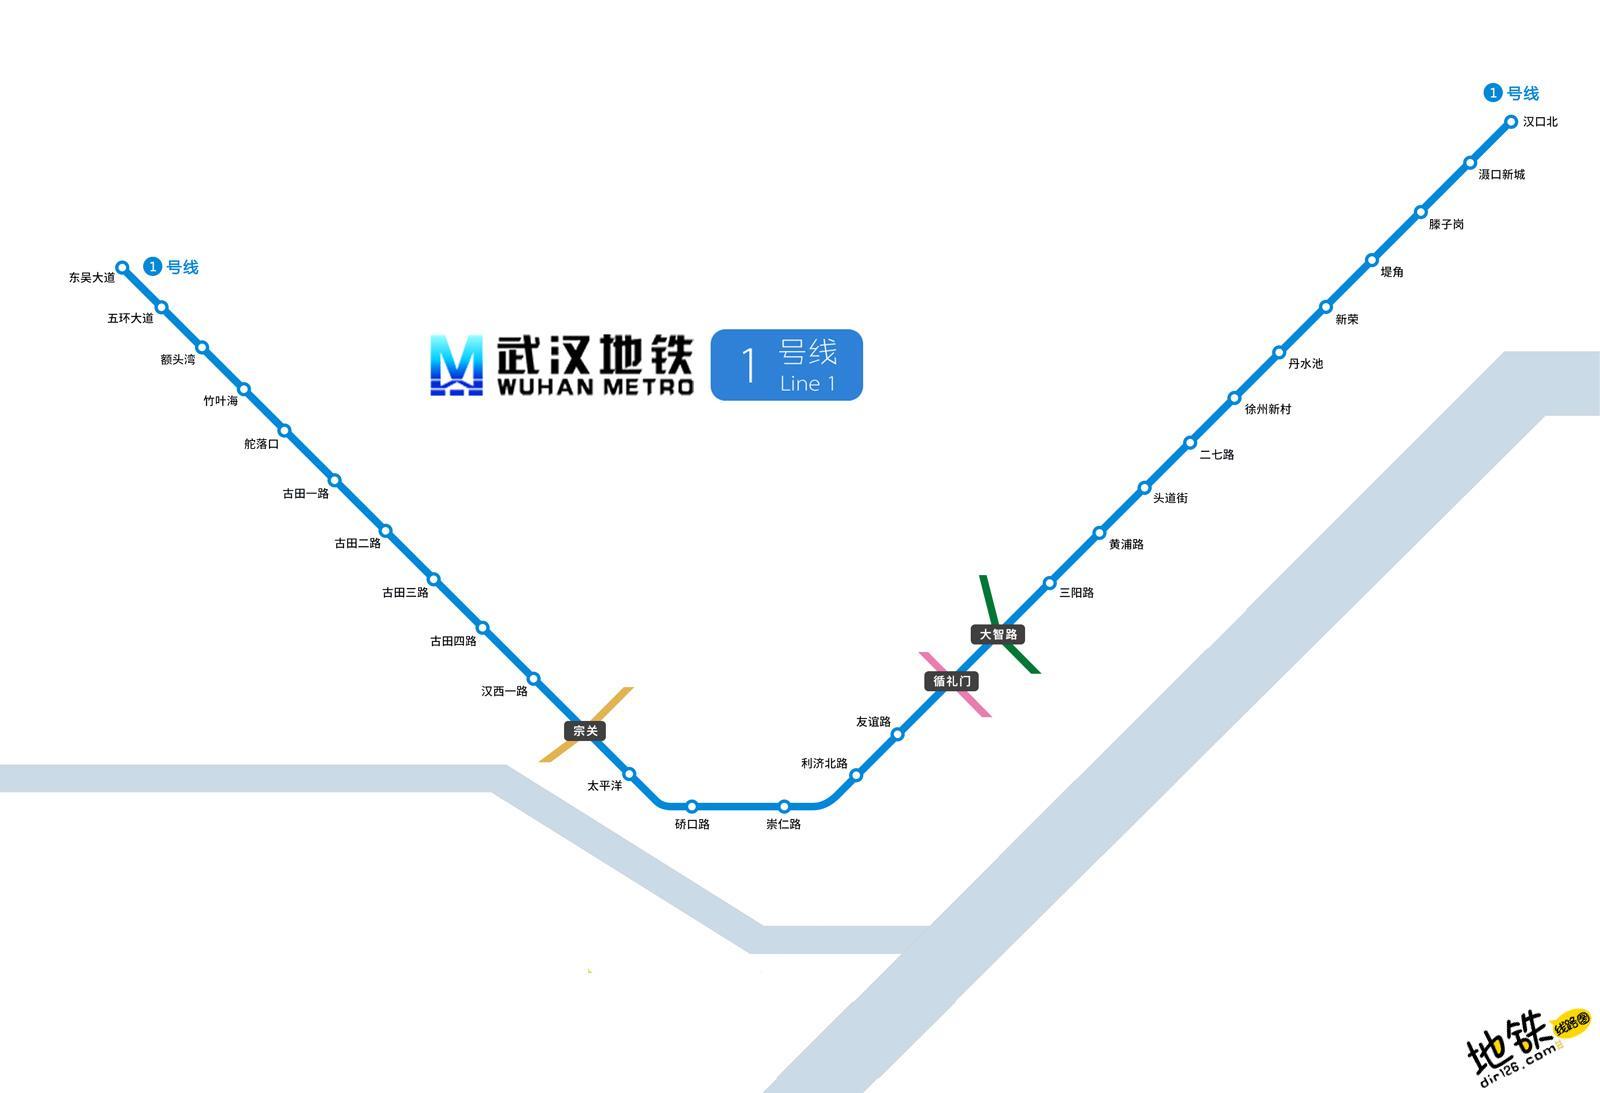 武汉地铁1号线线路图 运营时间票价站点 查询下载 武汉地铁1号线查询 武汉地铁1号线运营时间 武汉地铁1号线线路图 武汉地铁1号线 武汉地铁一号线 武汉地铁线路图  第2张